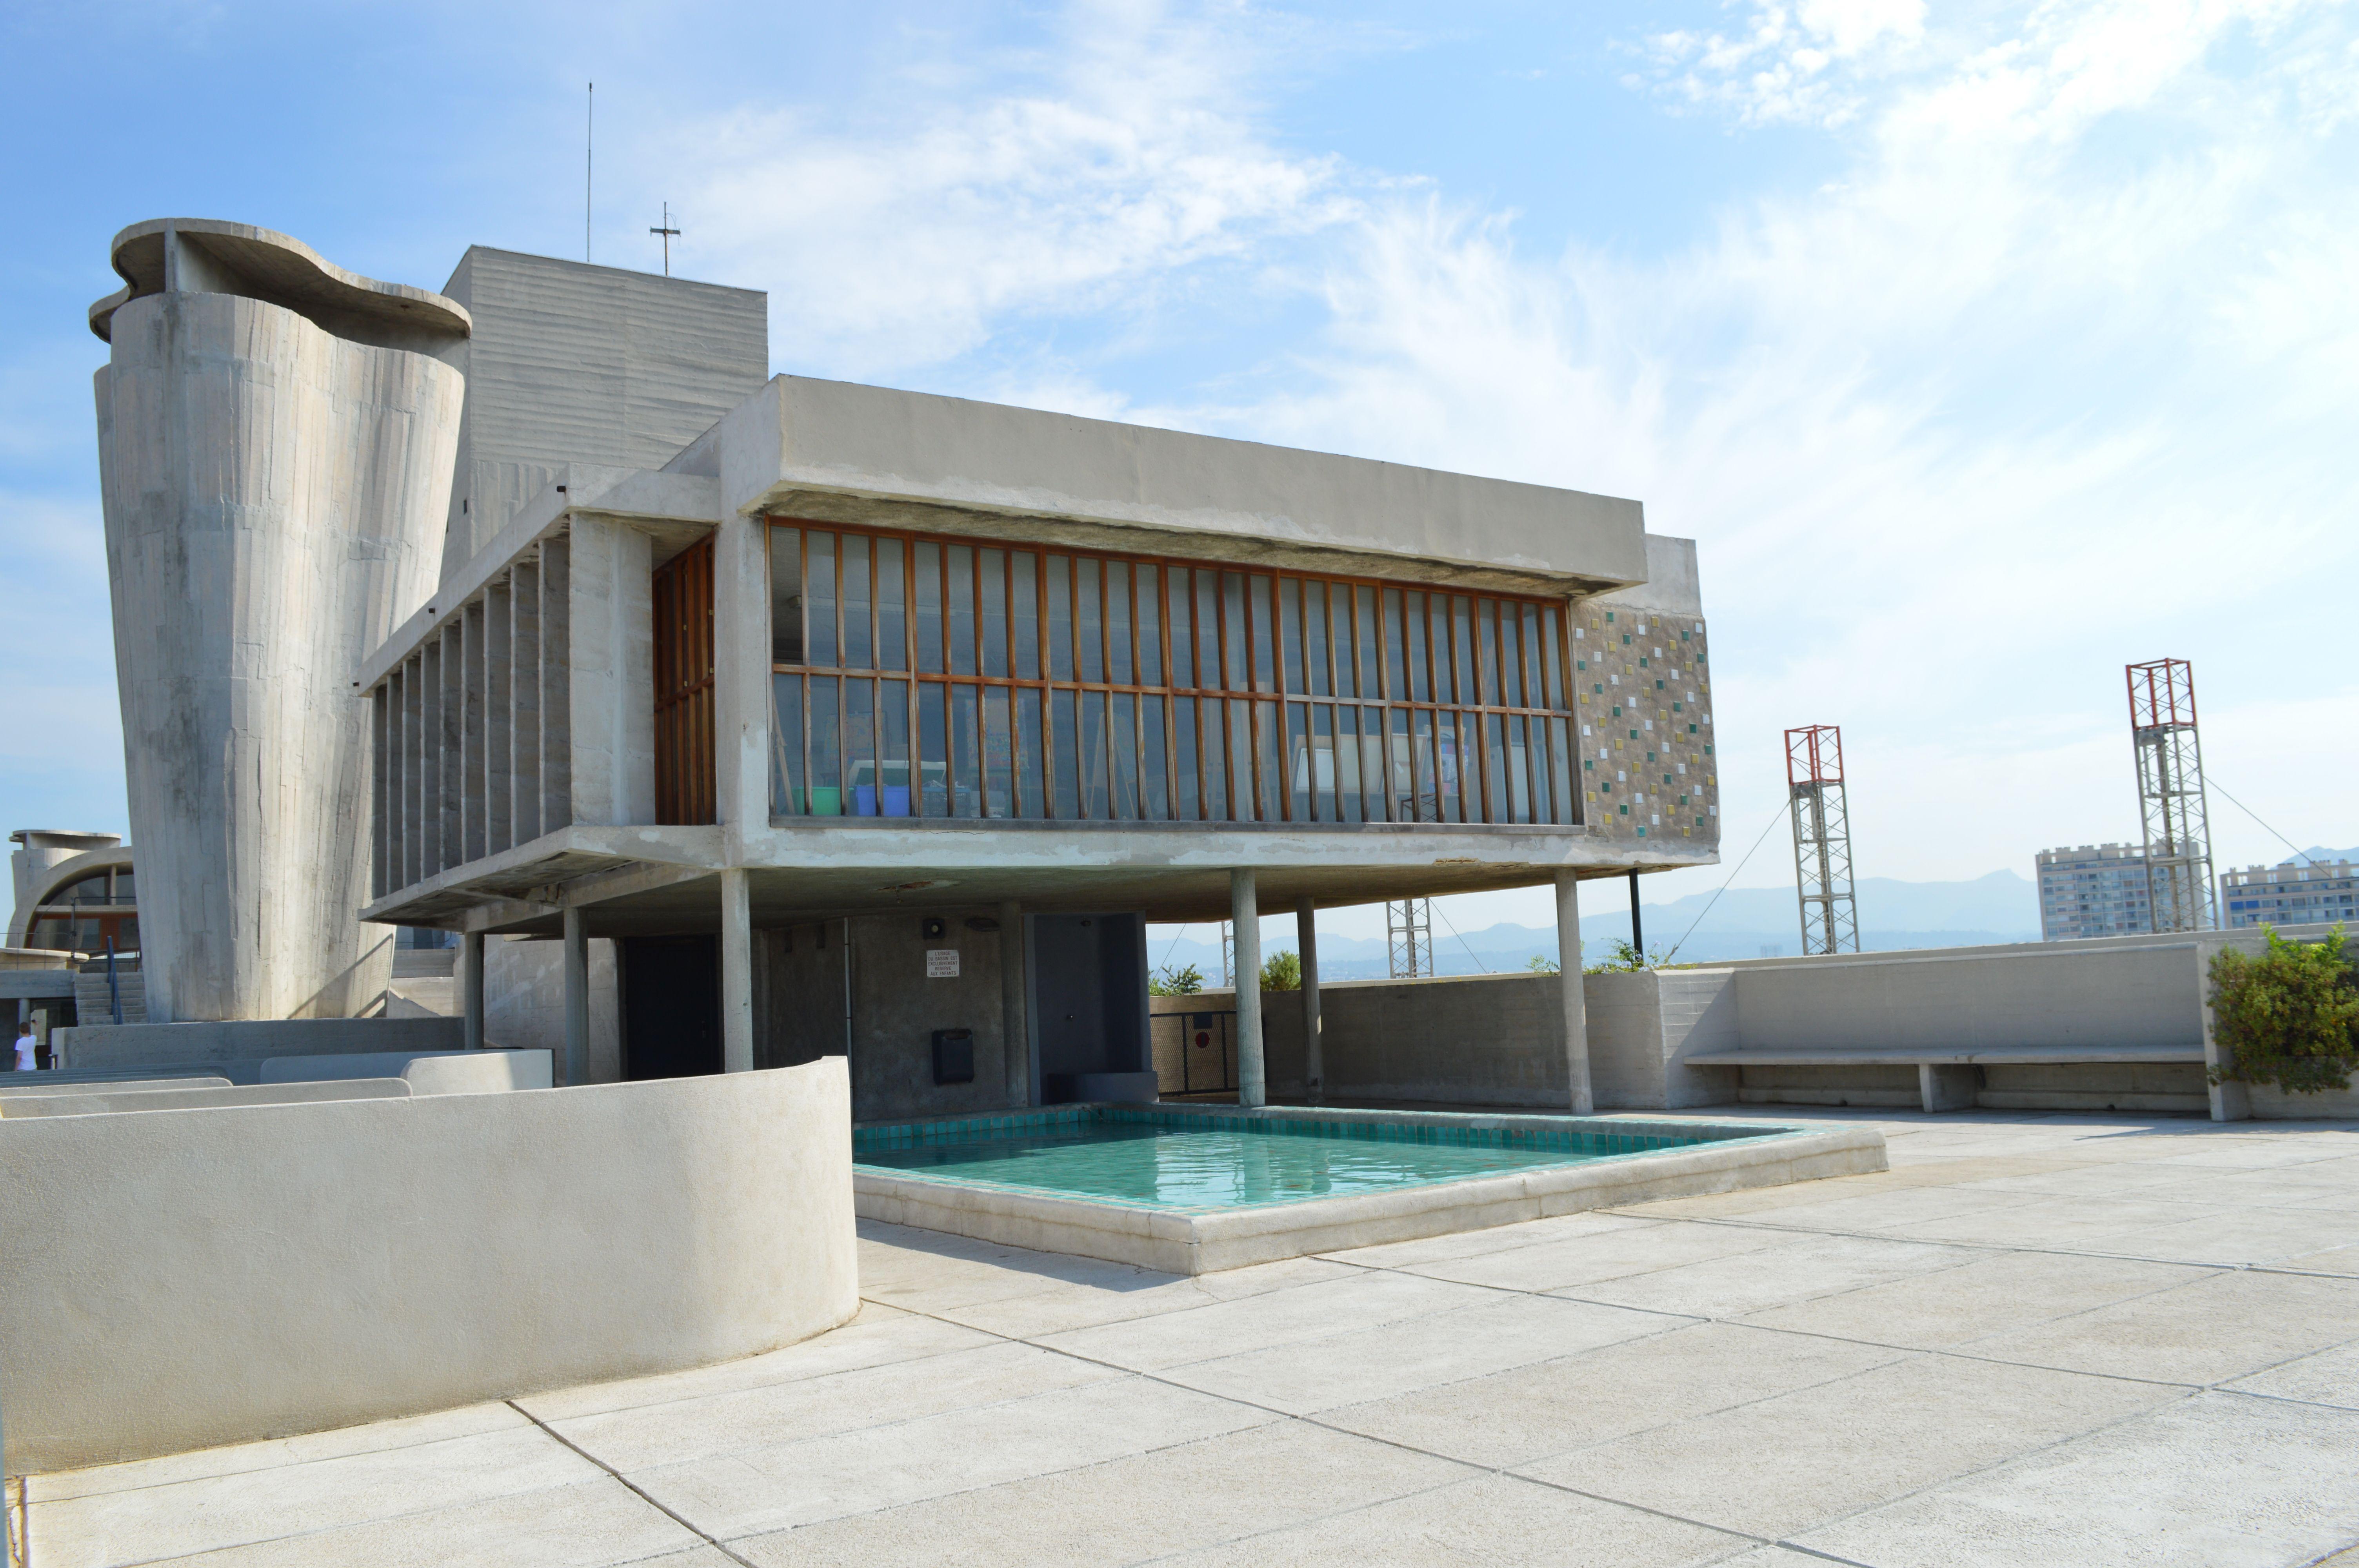 Le Corbusier Unite D Habitation roof terrace, unité d'habitation, marsielle, le corbusier